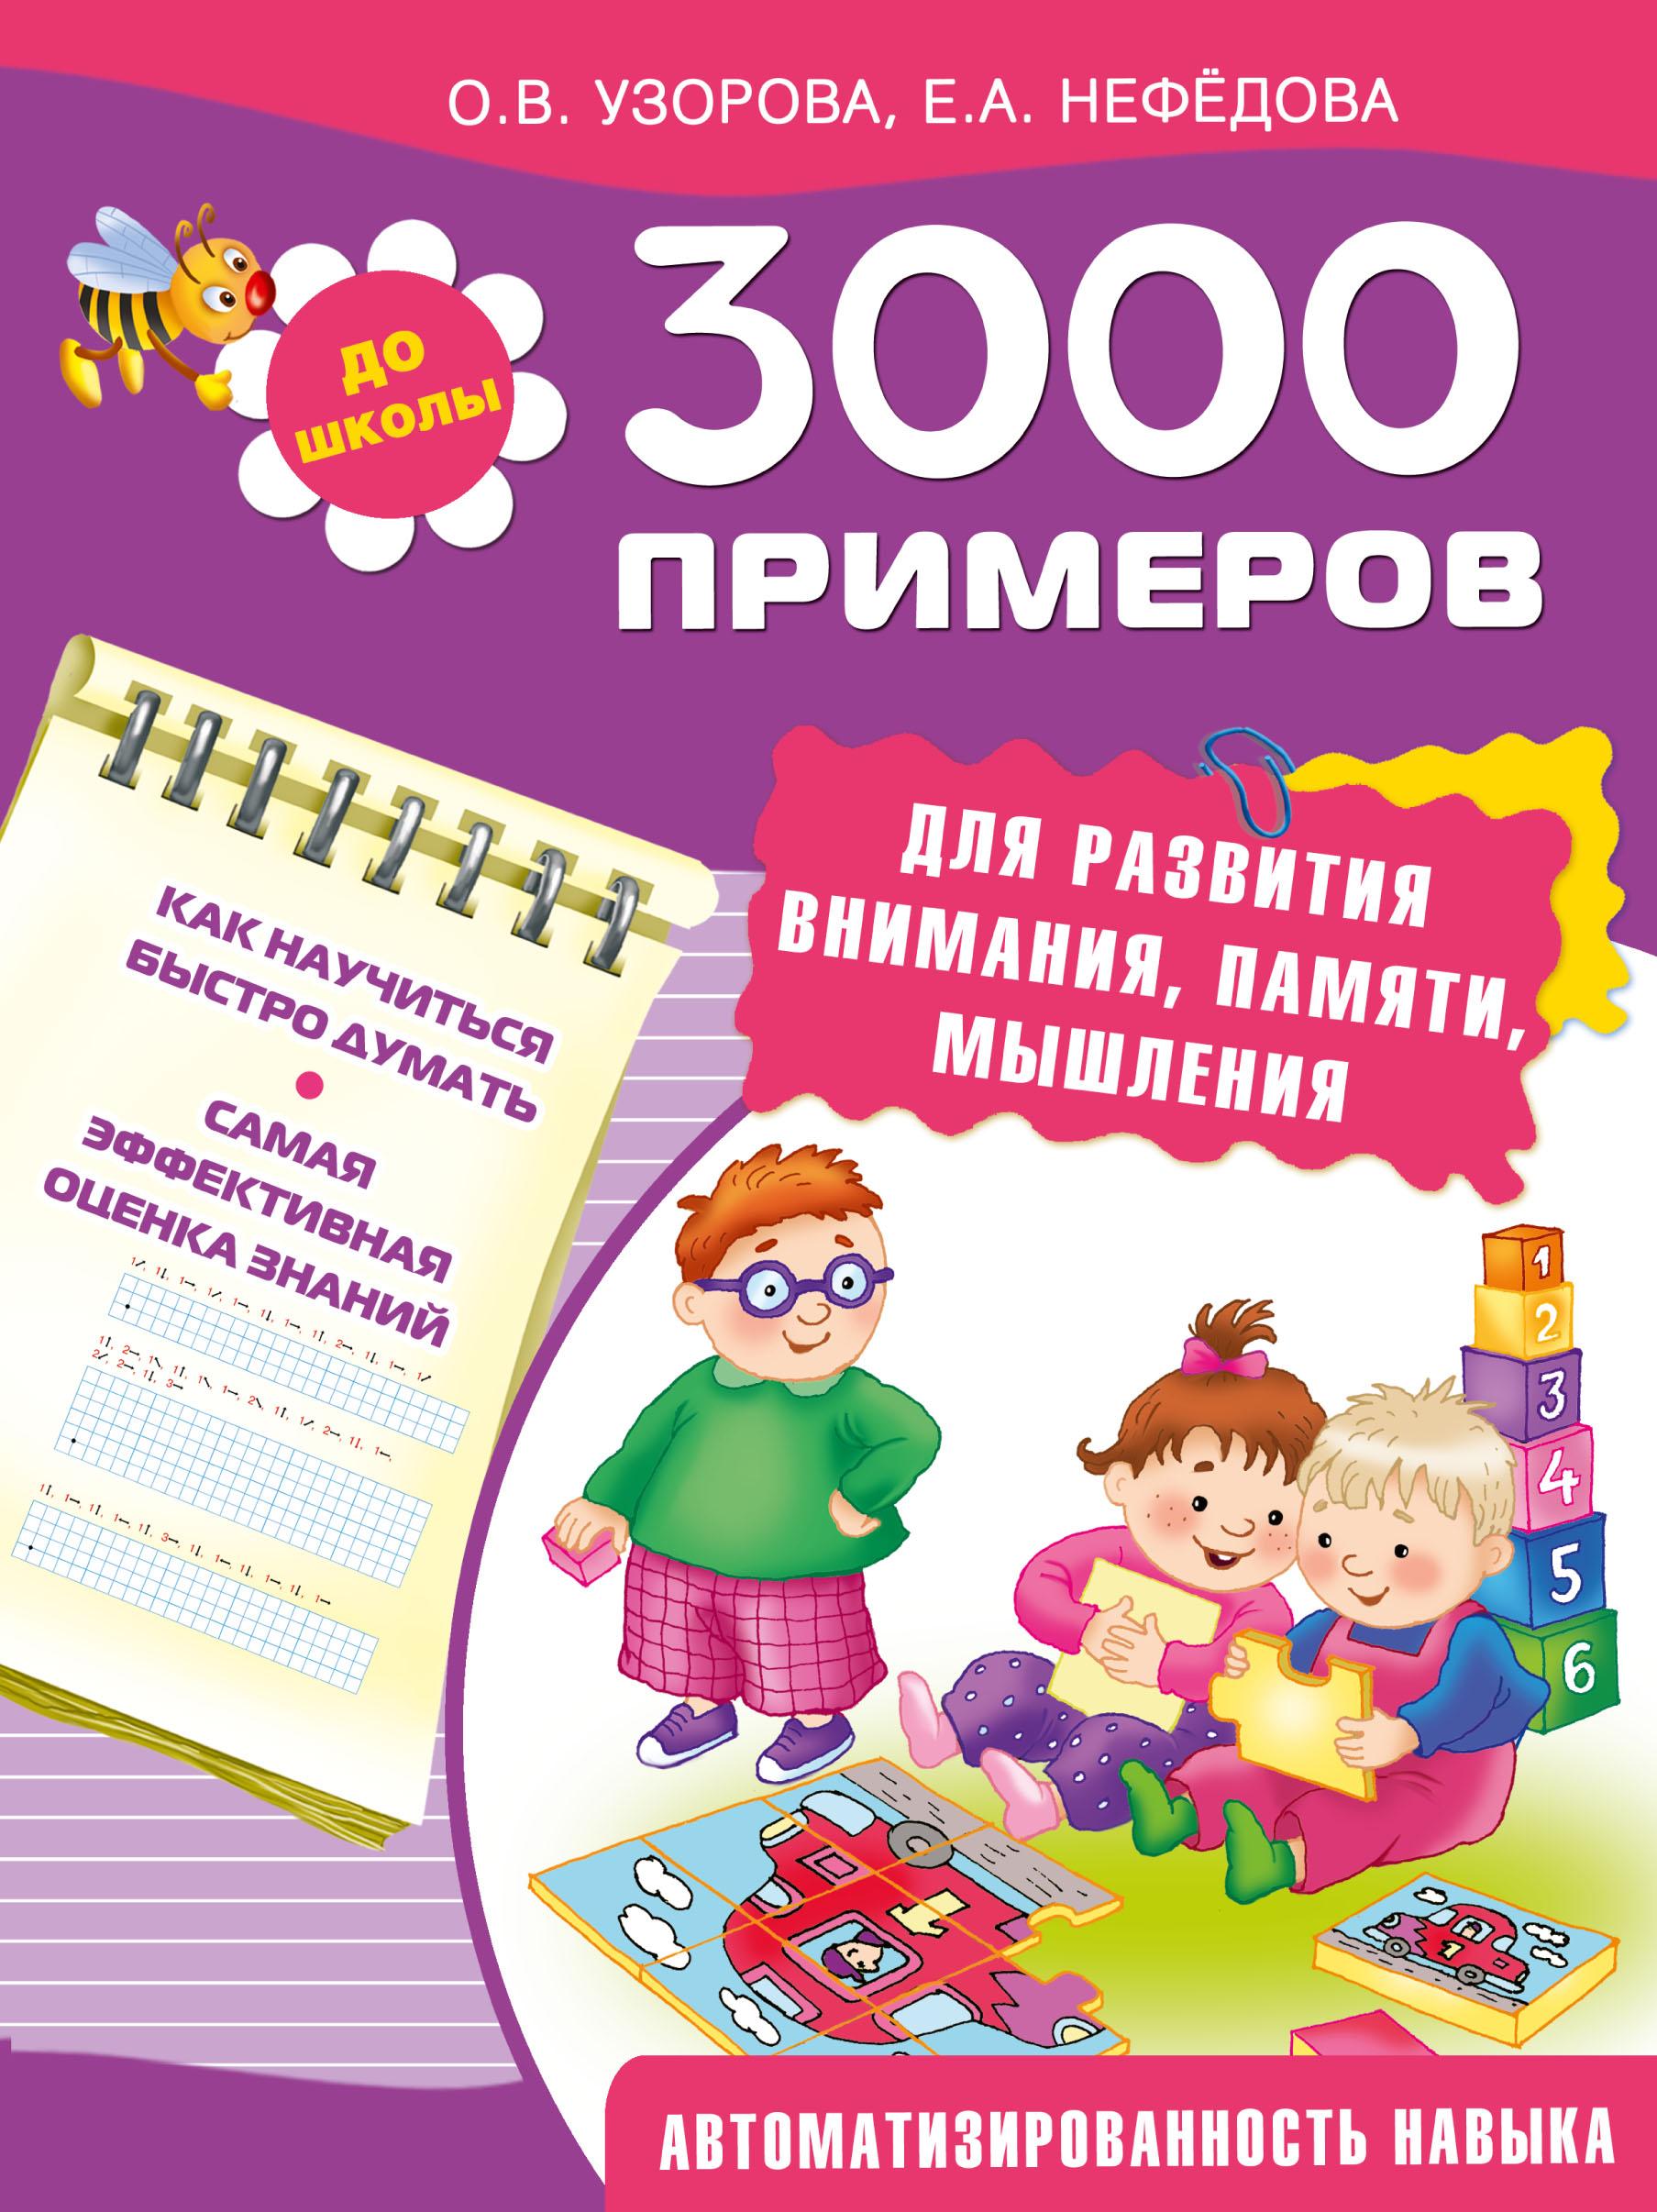 3000 примеров для развития внимания, памяти, мышления ( Узорова О.В.  )